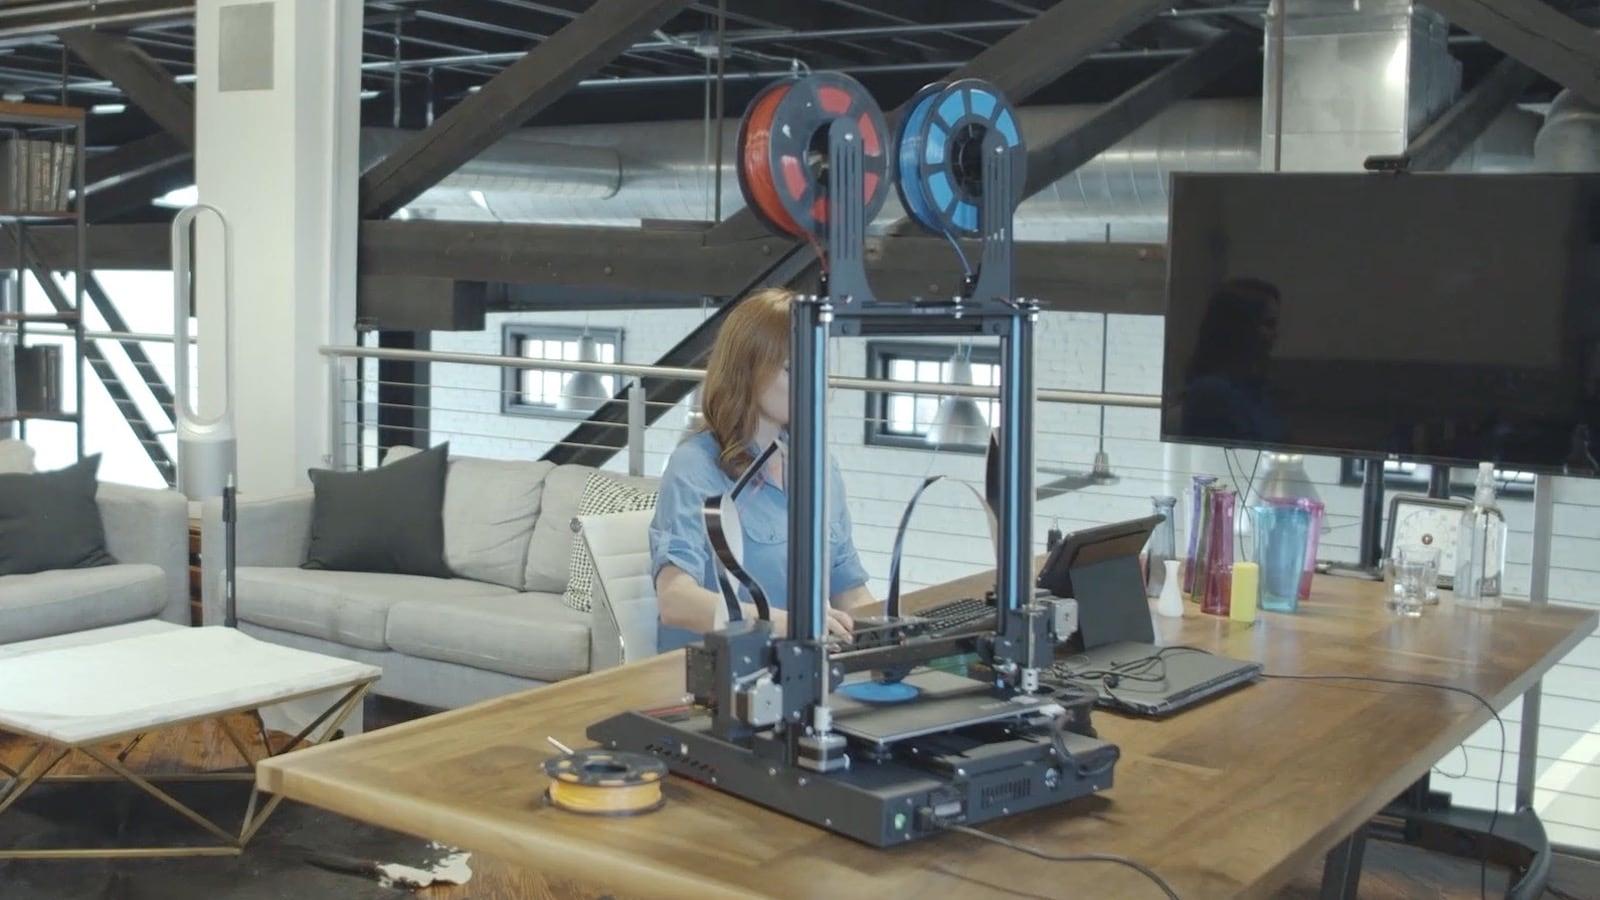 JGMaker Artist-D Dual Extruder Independent 3D Printer